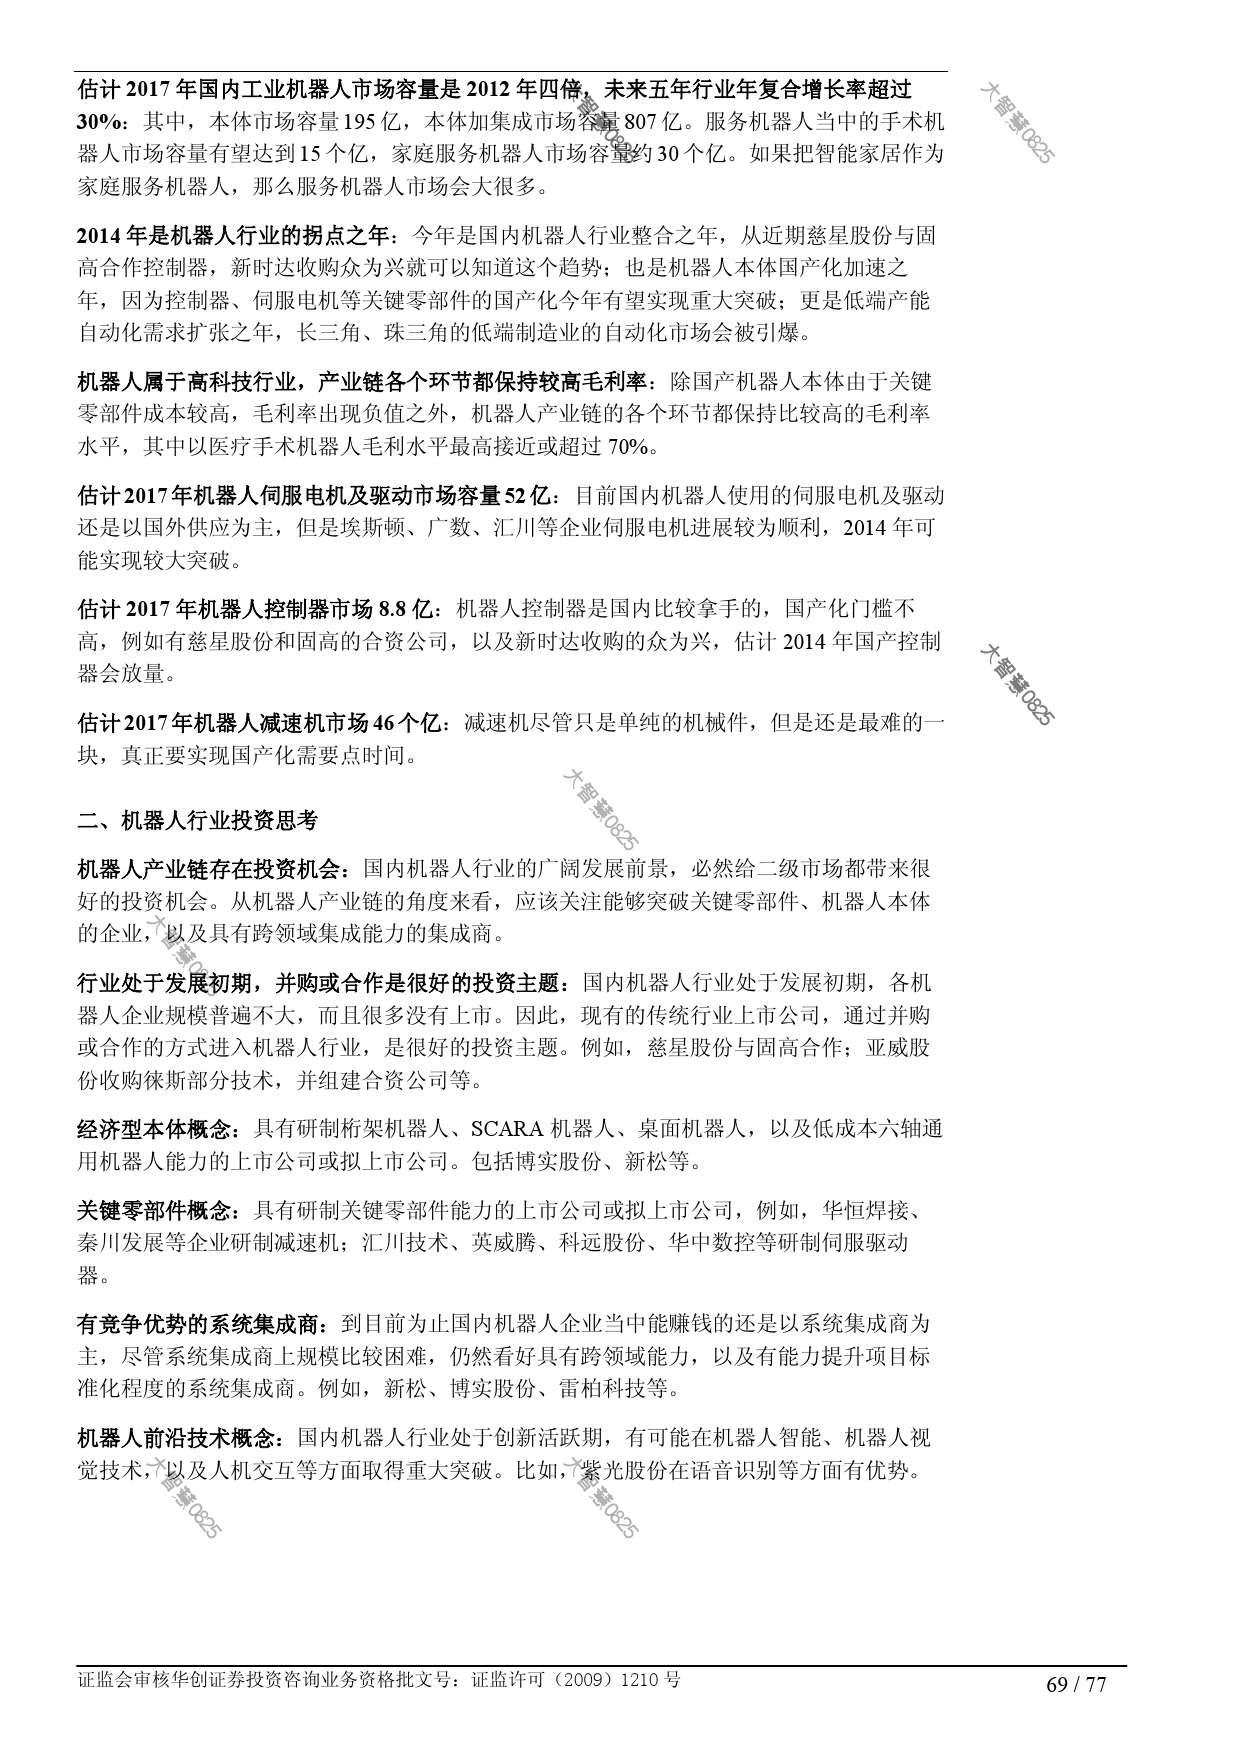 行业研究_华创证券_刘国清,鲁佩_机械设备:机器人大趋势_2014021_000069